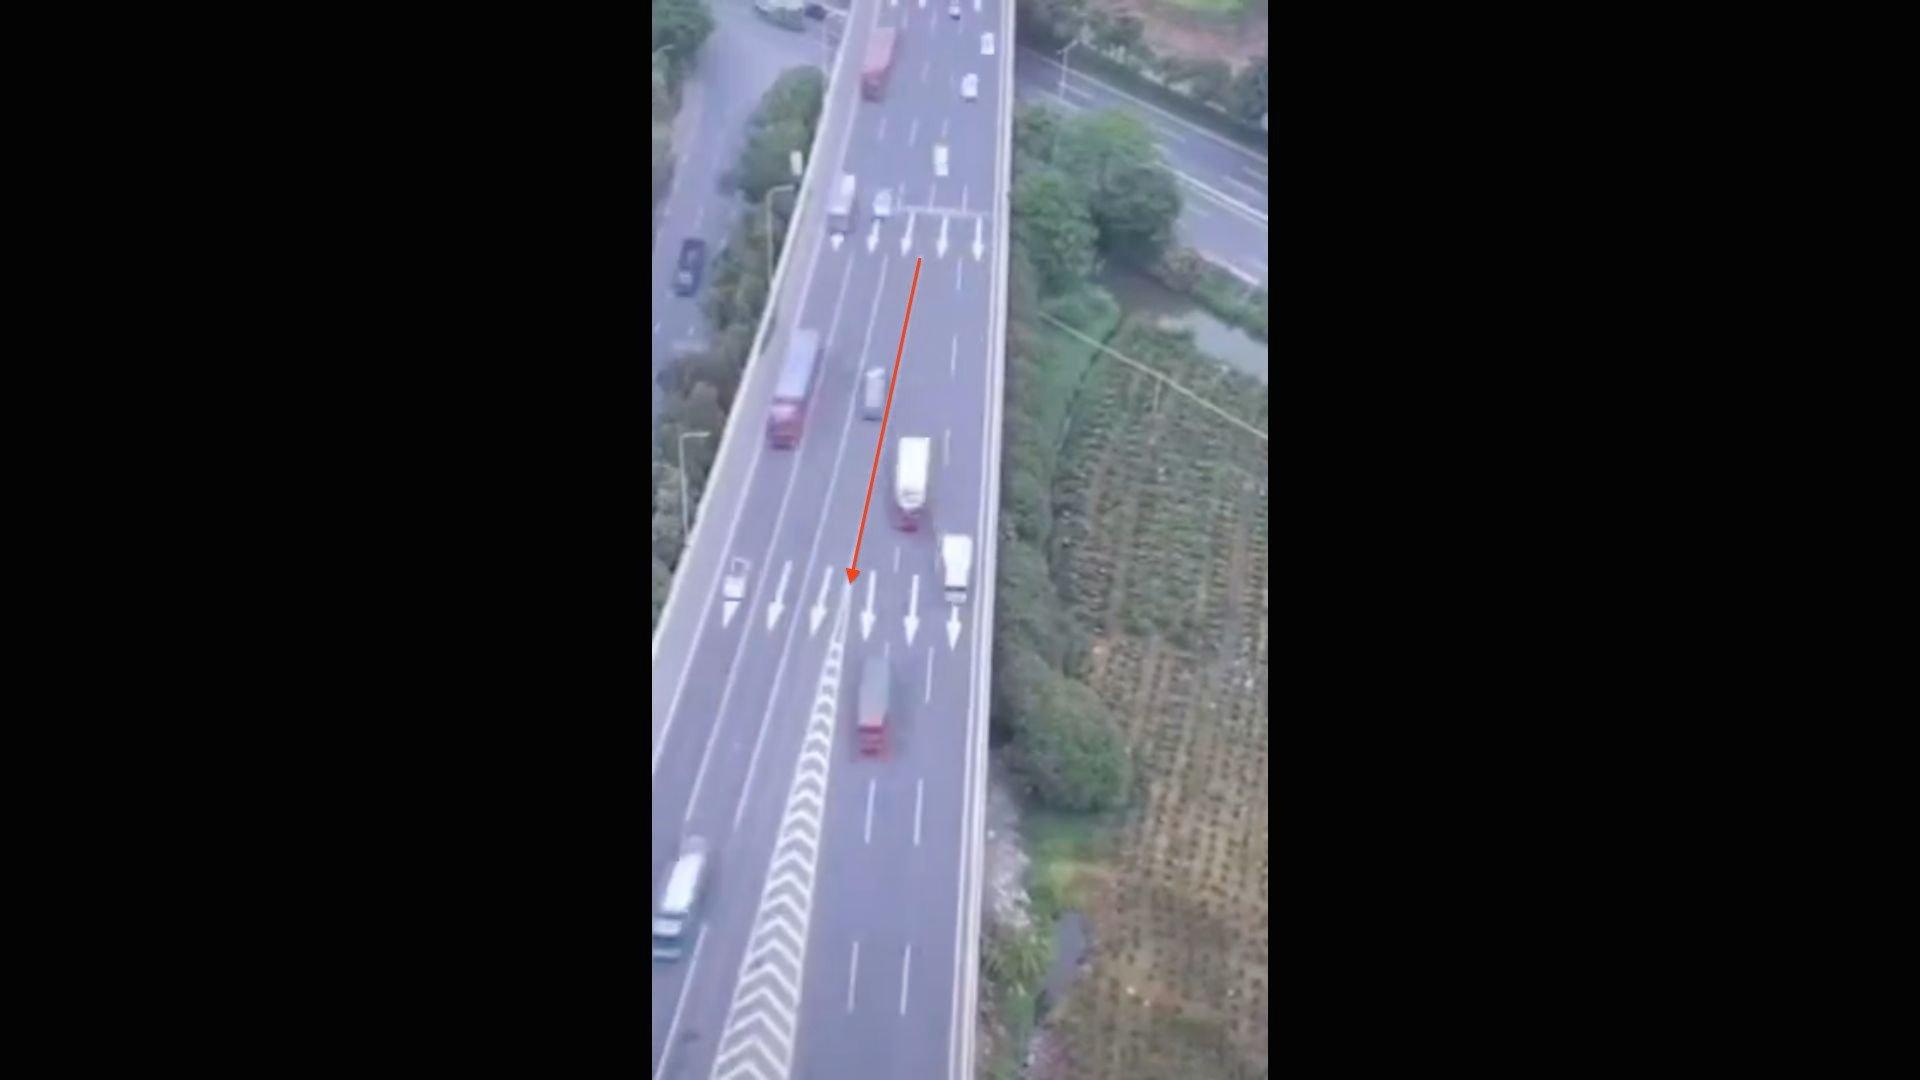 中國去年交通罰款總額3,000億元左右,平均每車罰款逾千元。有輿論指中共「生財有道」。(影片截圖)